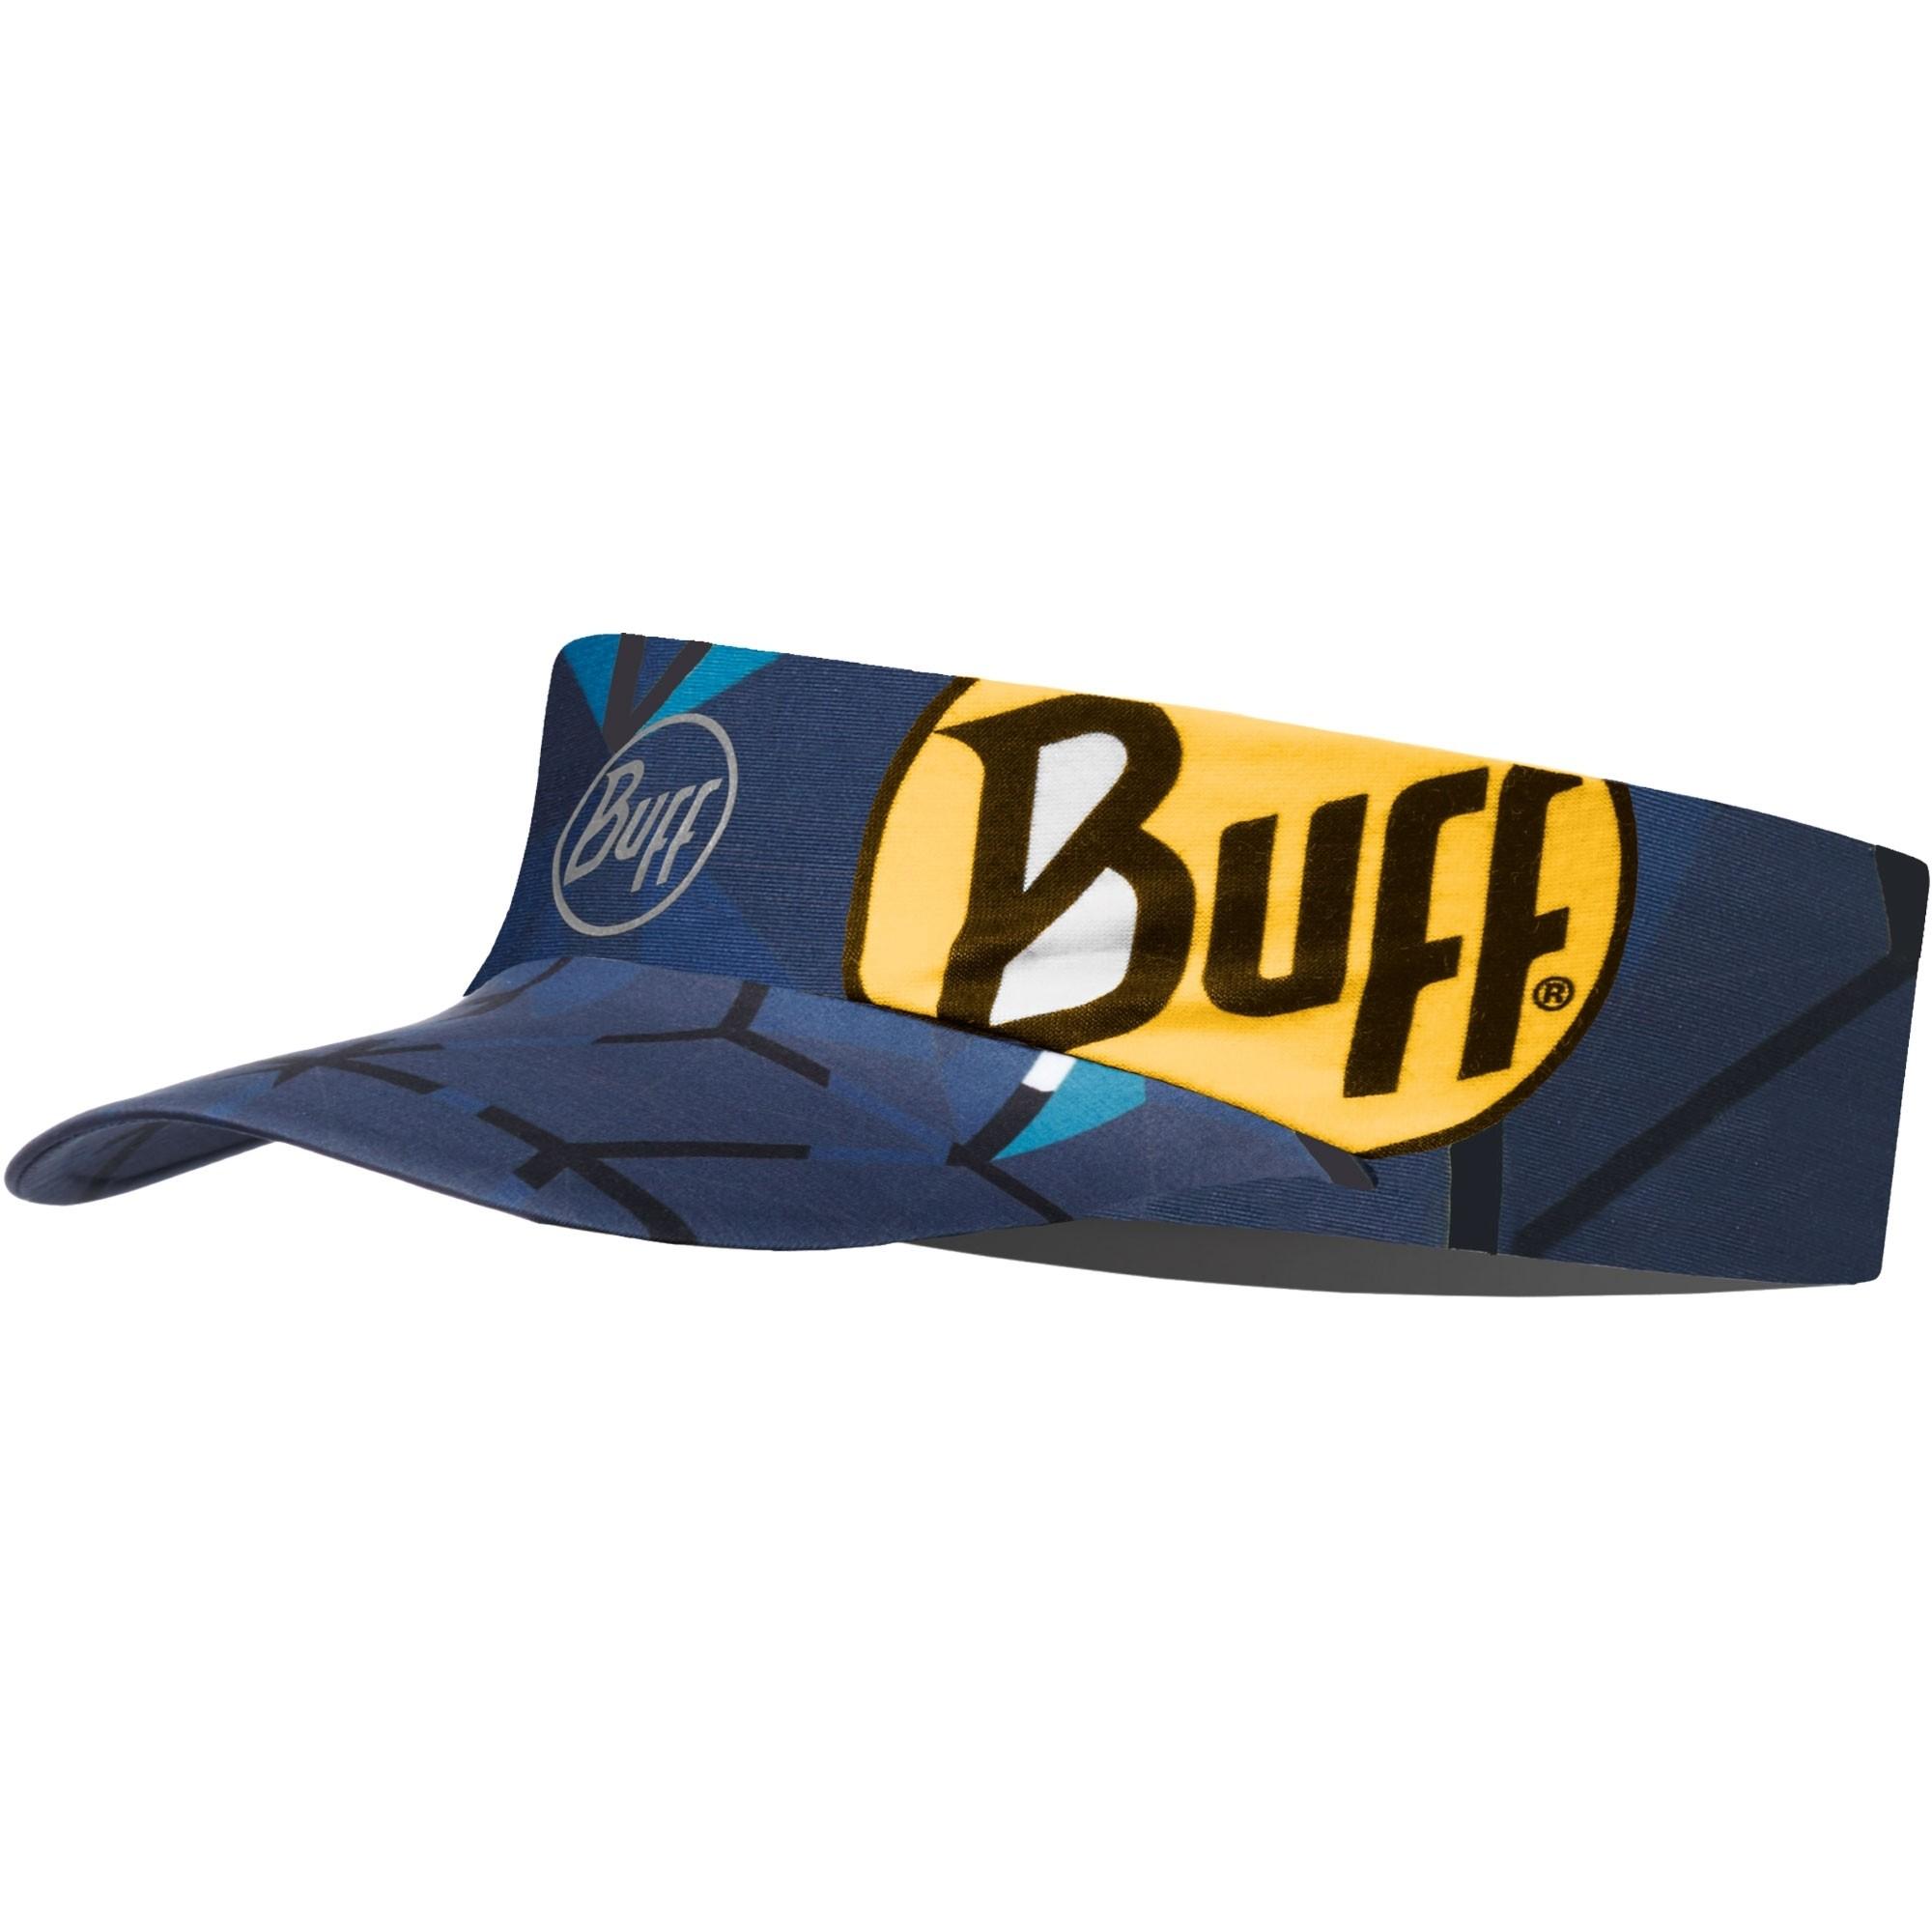 Buff Pack Run Reflective Visor - Helix/Ocean